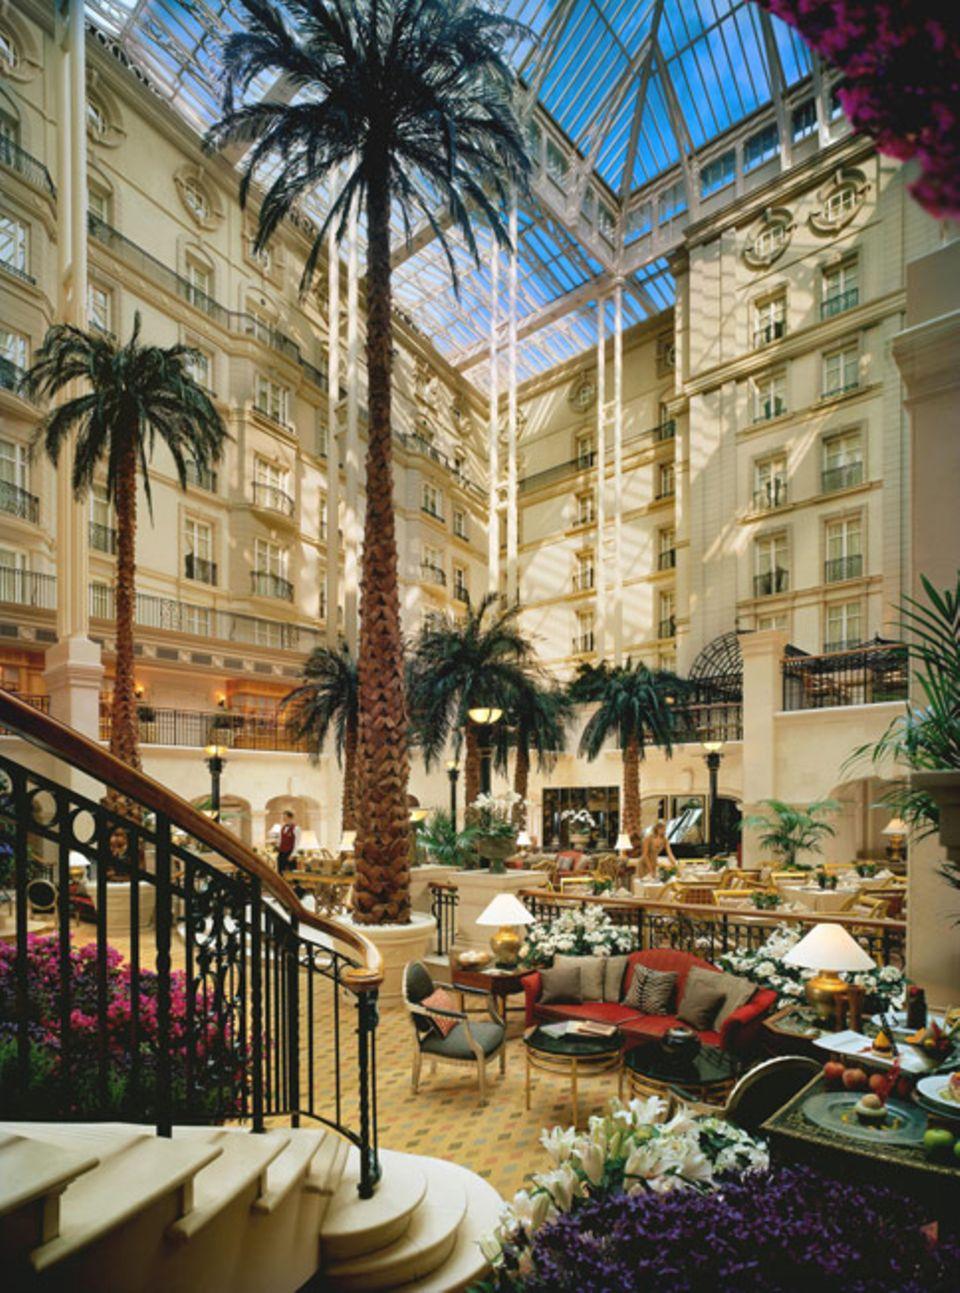 Das Landmark Hotel bietet ein Hochzeitspaket mit kulinarischen Leckerbissen an